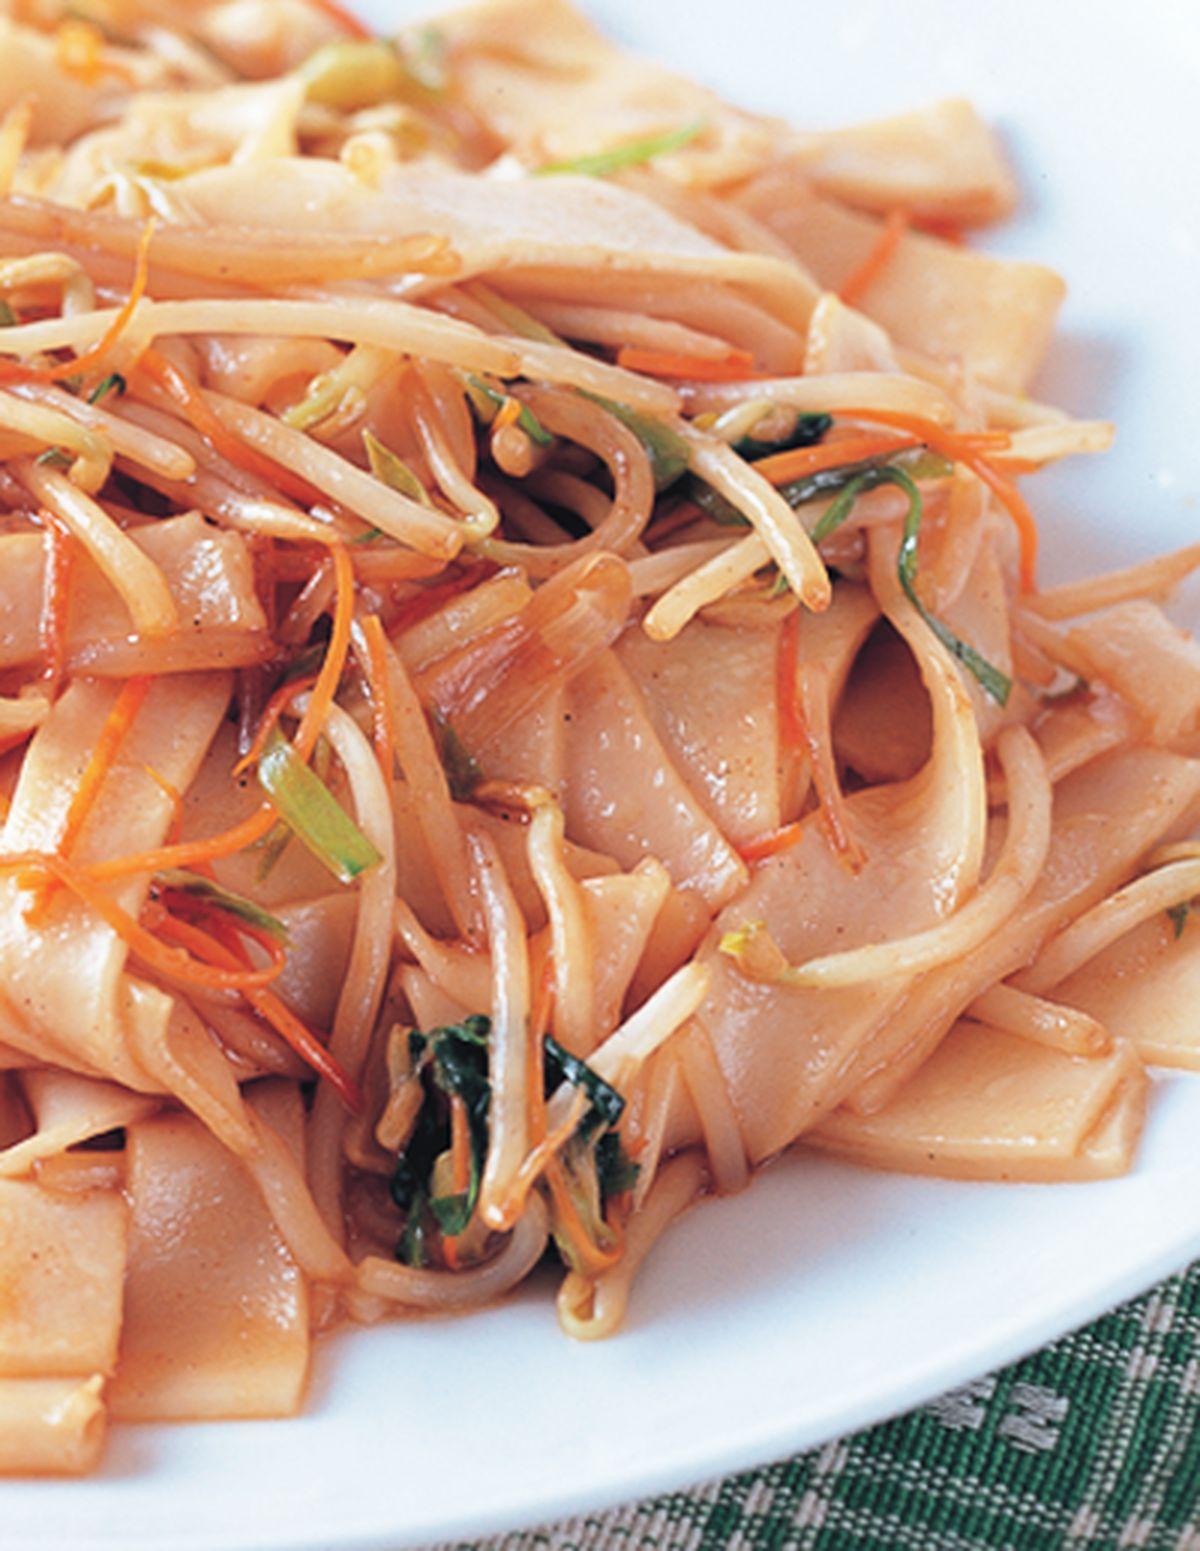 食譜:綠豆芽炒板條